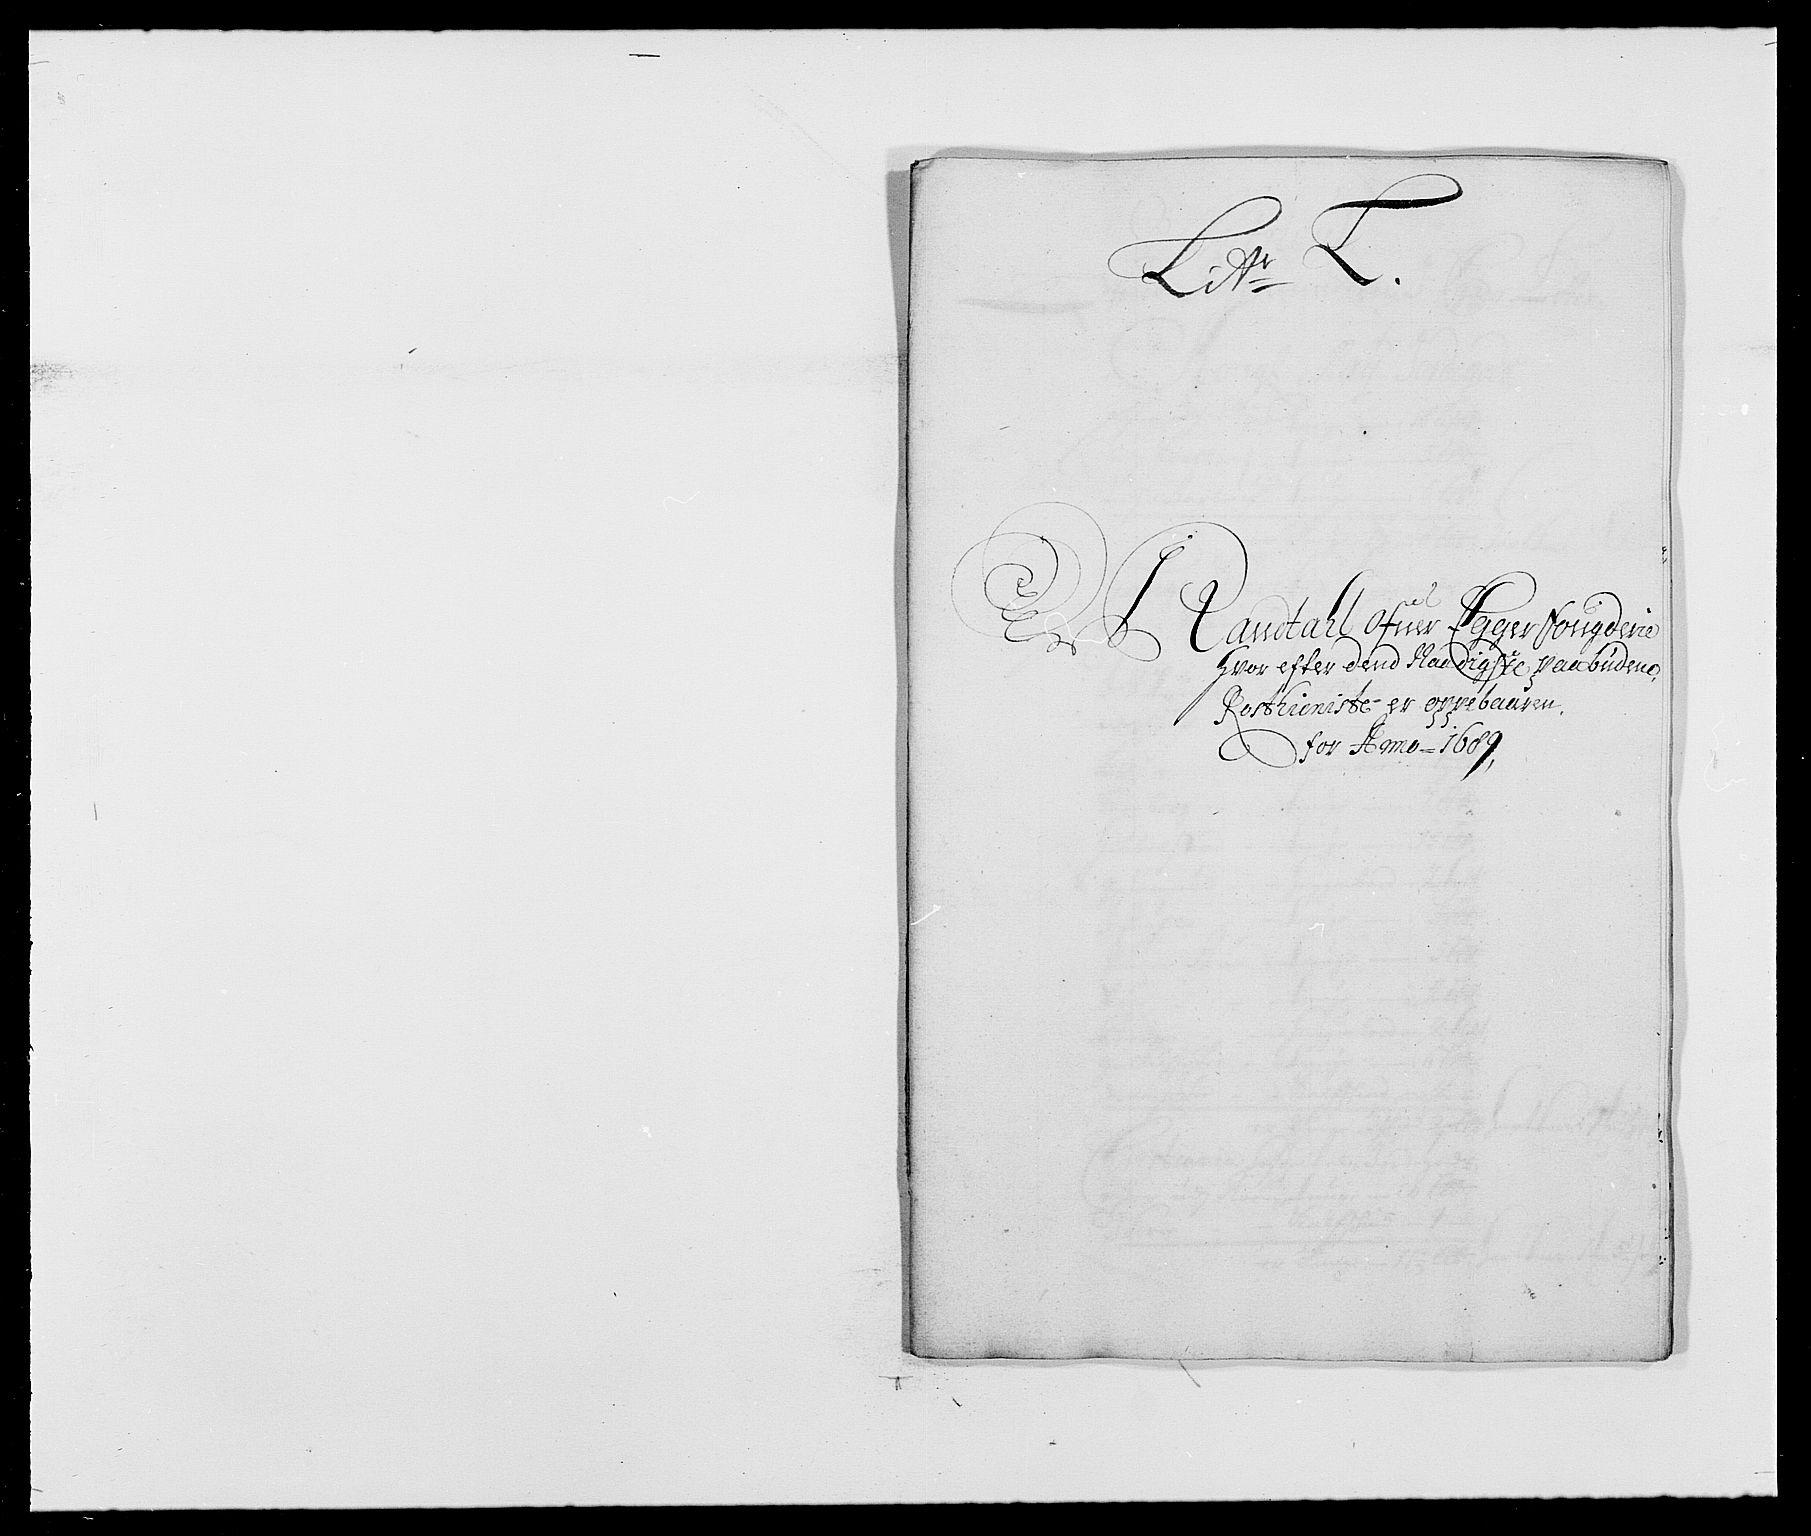 RA, Rentekammeret inntil 1814, Reviderte regnskaper, Fogderegnskap, R28/L1688: Fogderegnskap Eiker og Lier, 1687-1689, s. 456